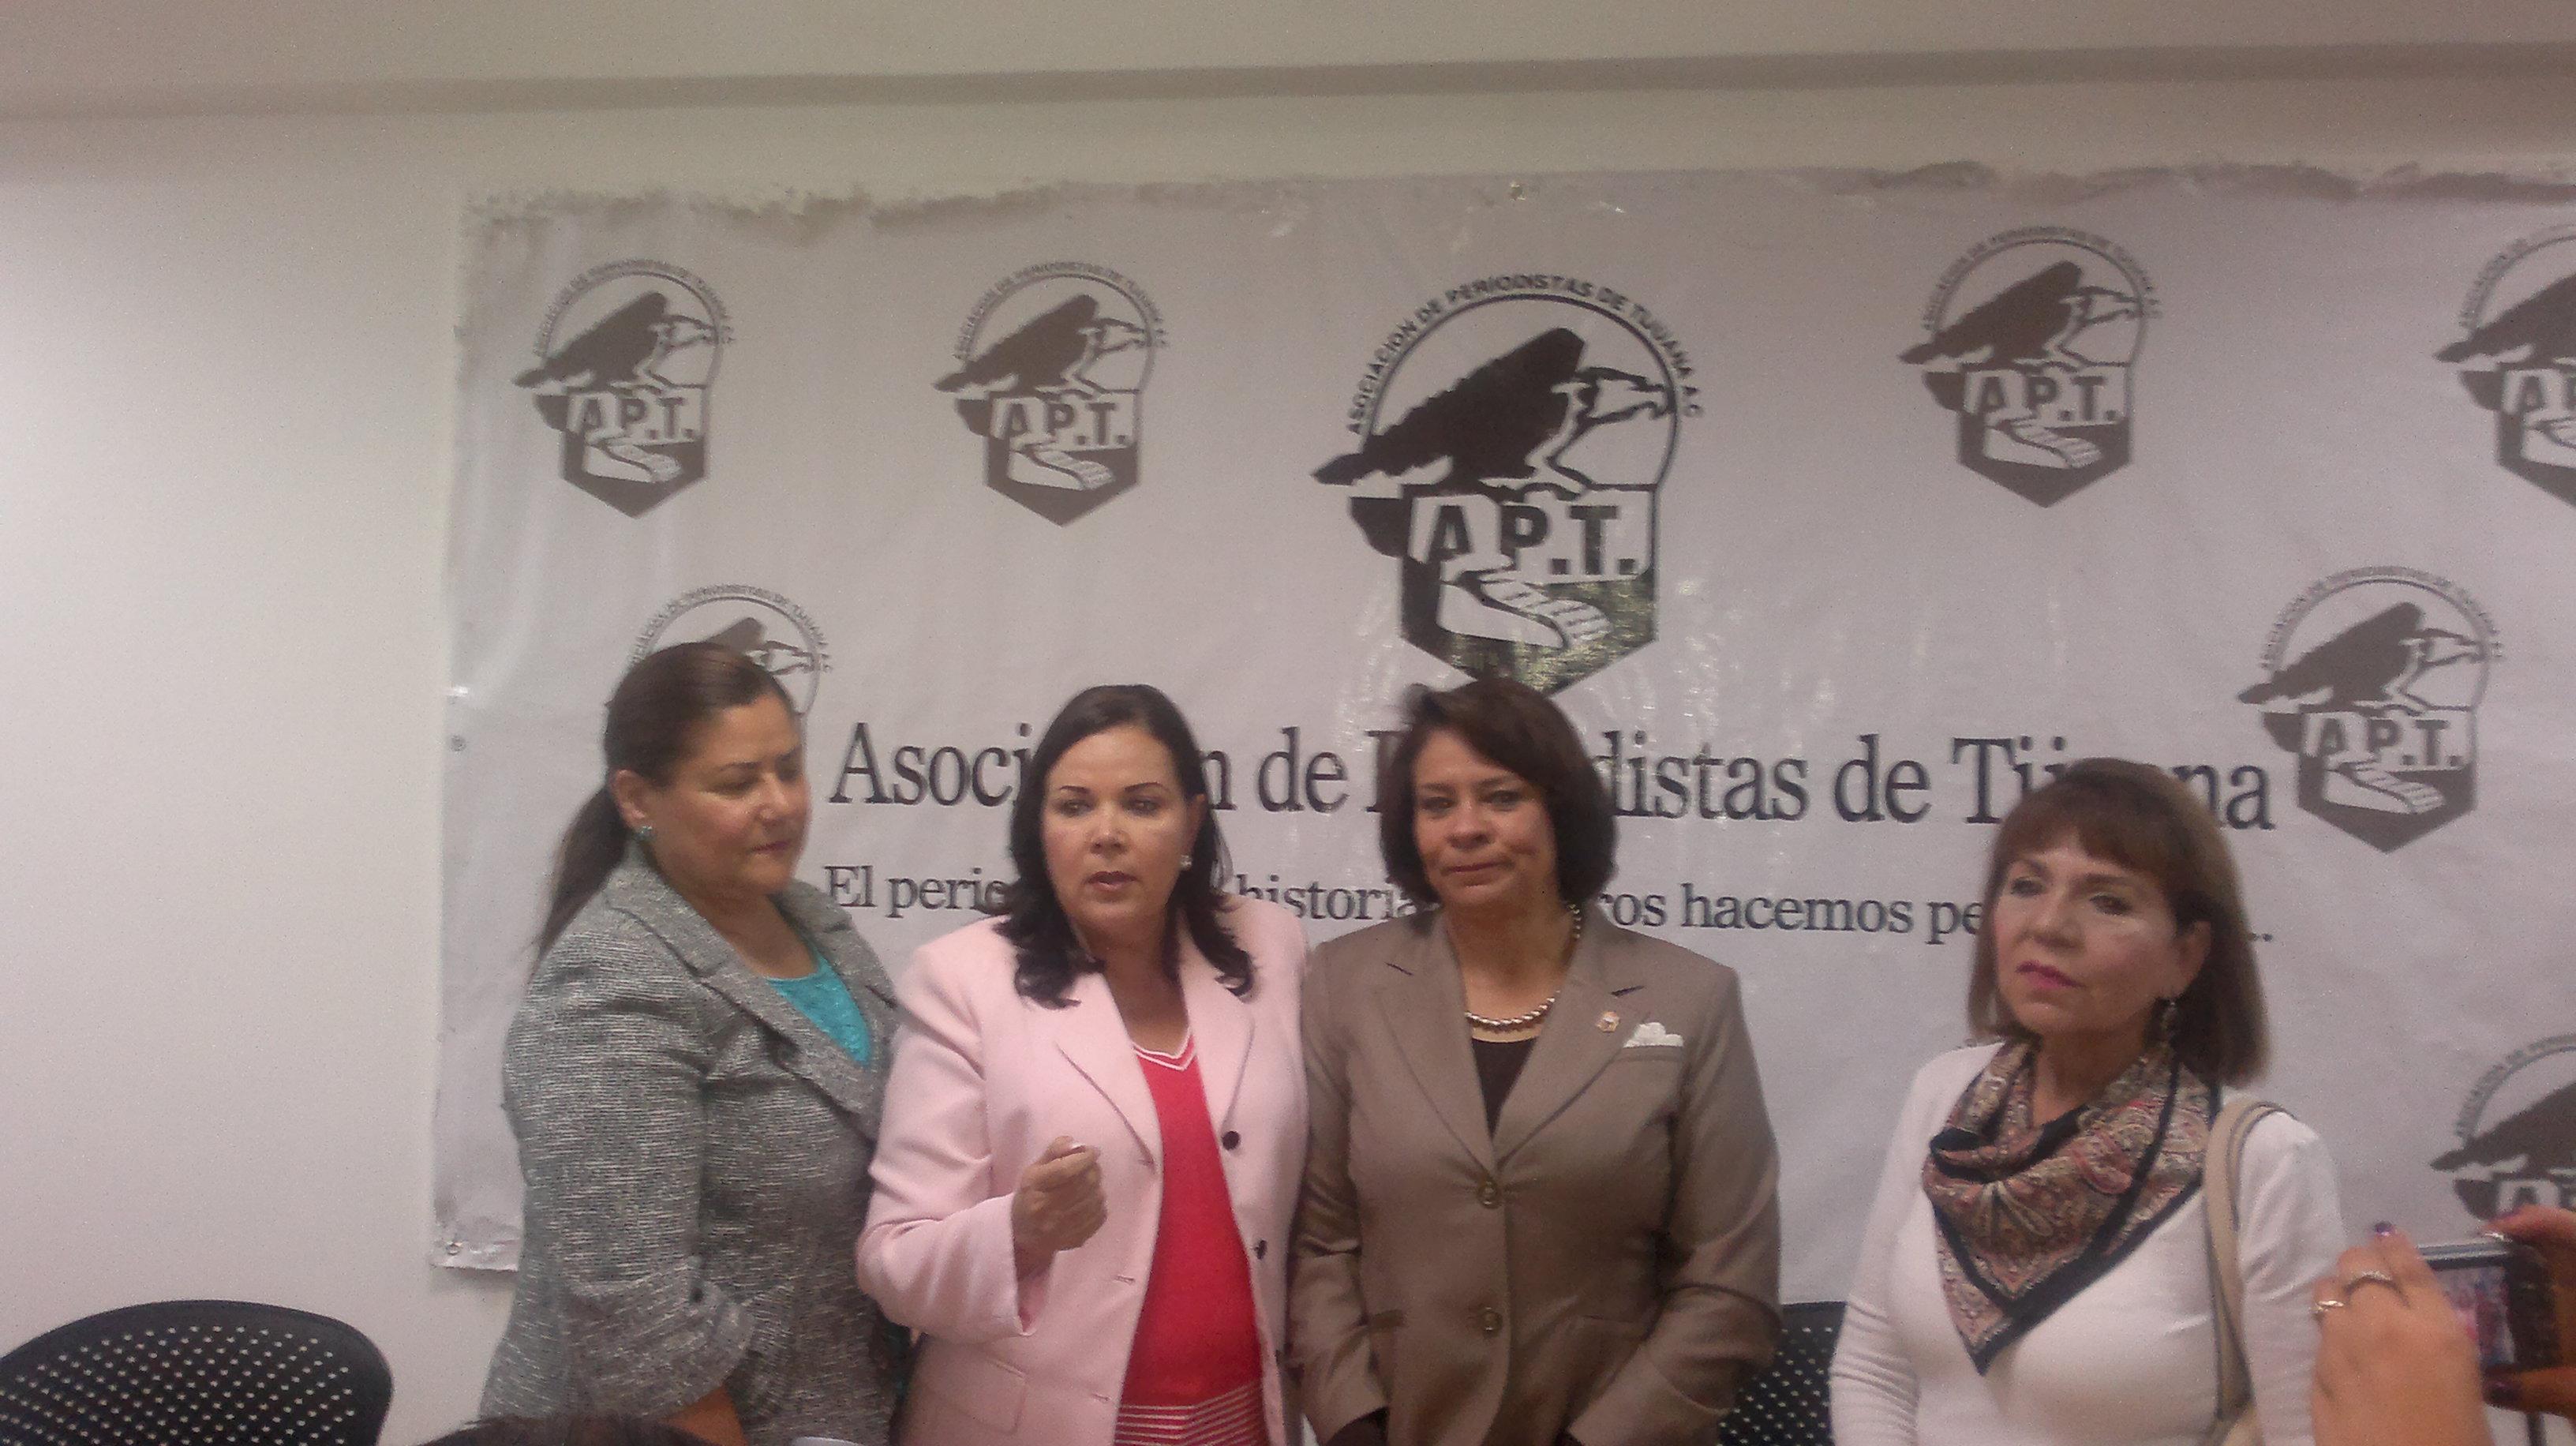 Reforma educativa en BC ya superó la etapa de resistencia al cambio: Rodríguez Rubio